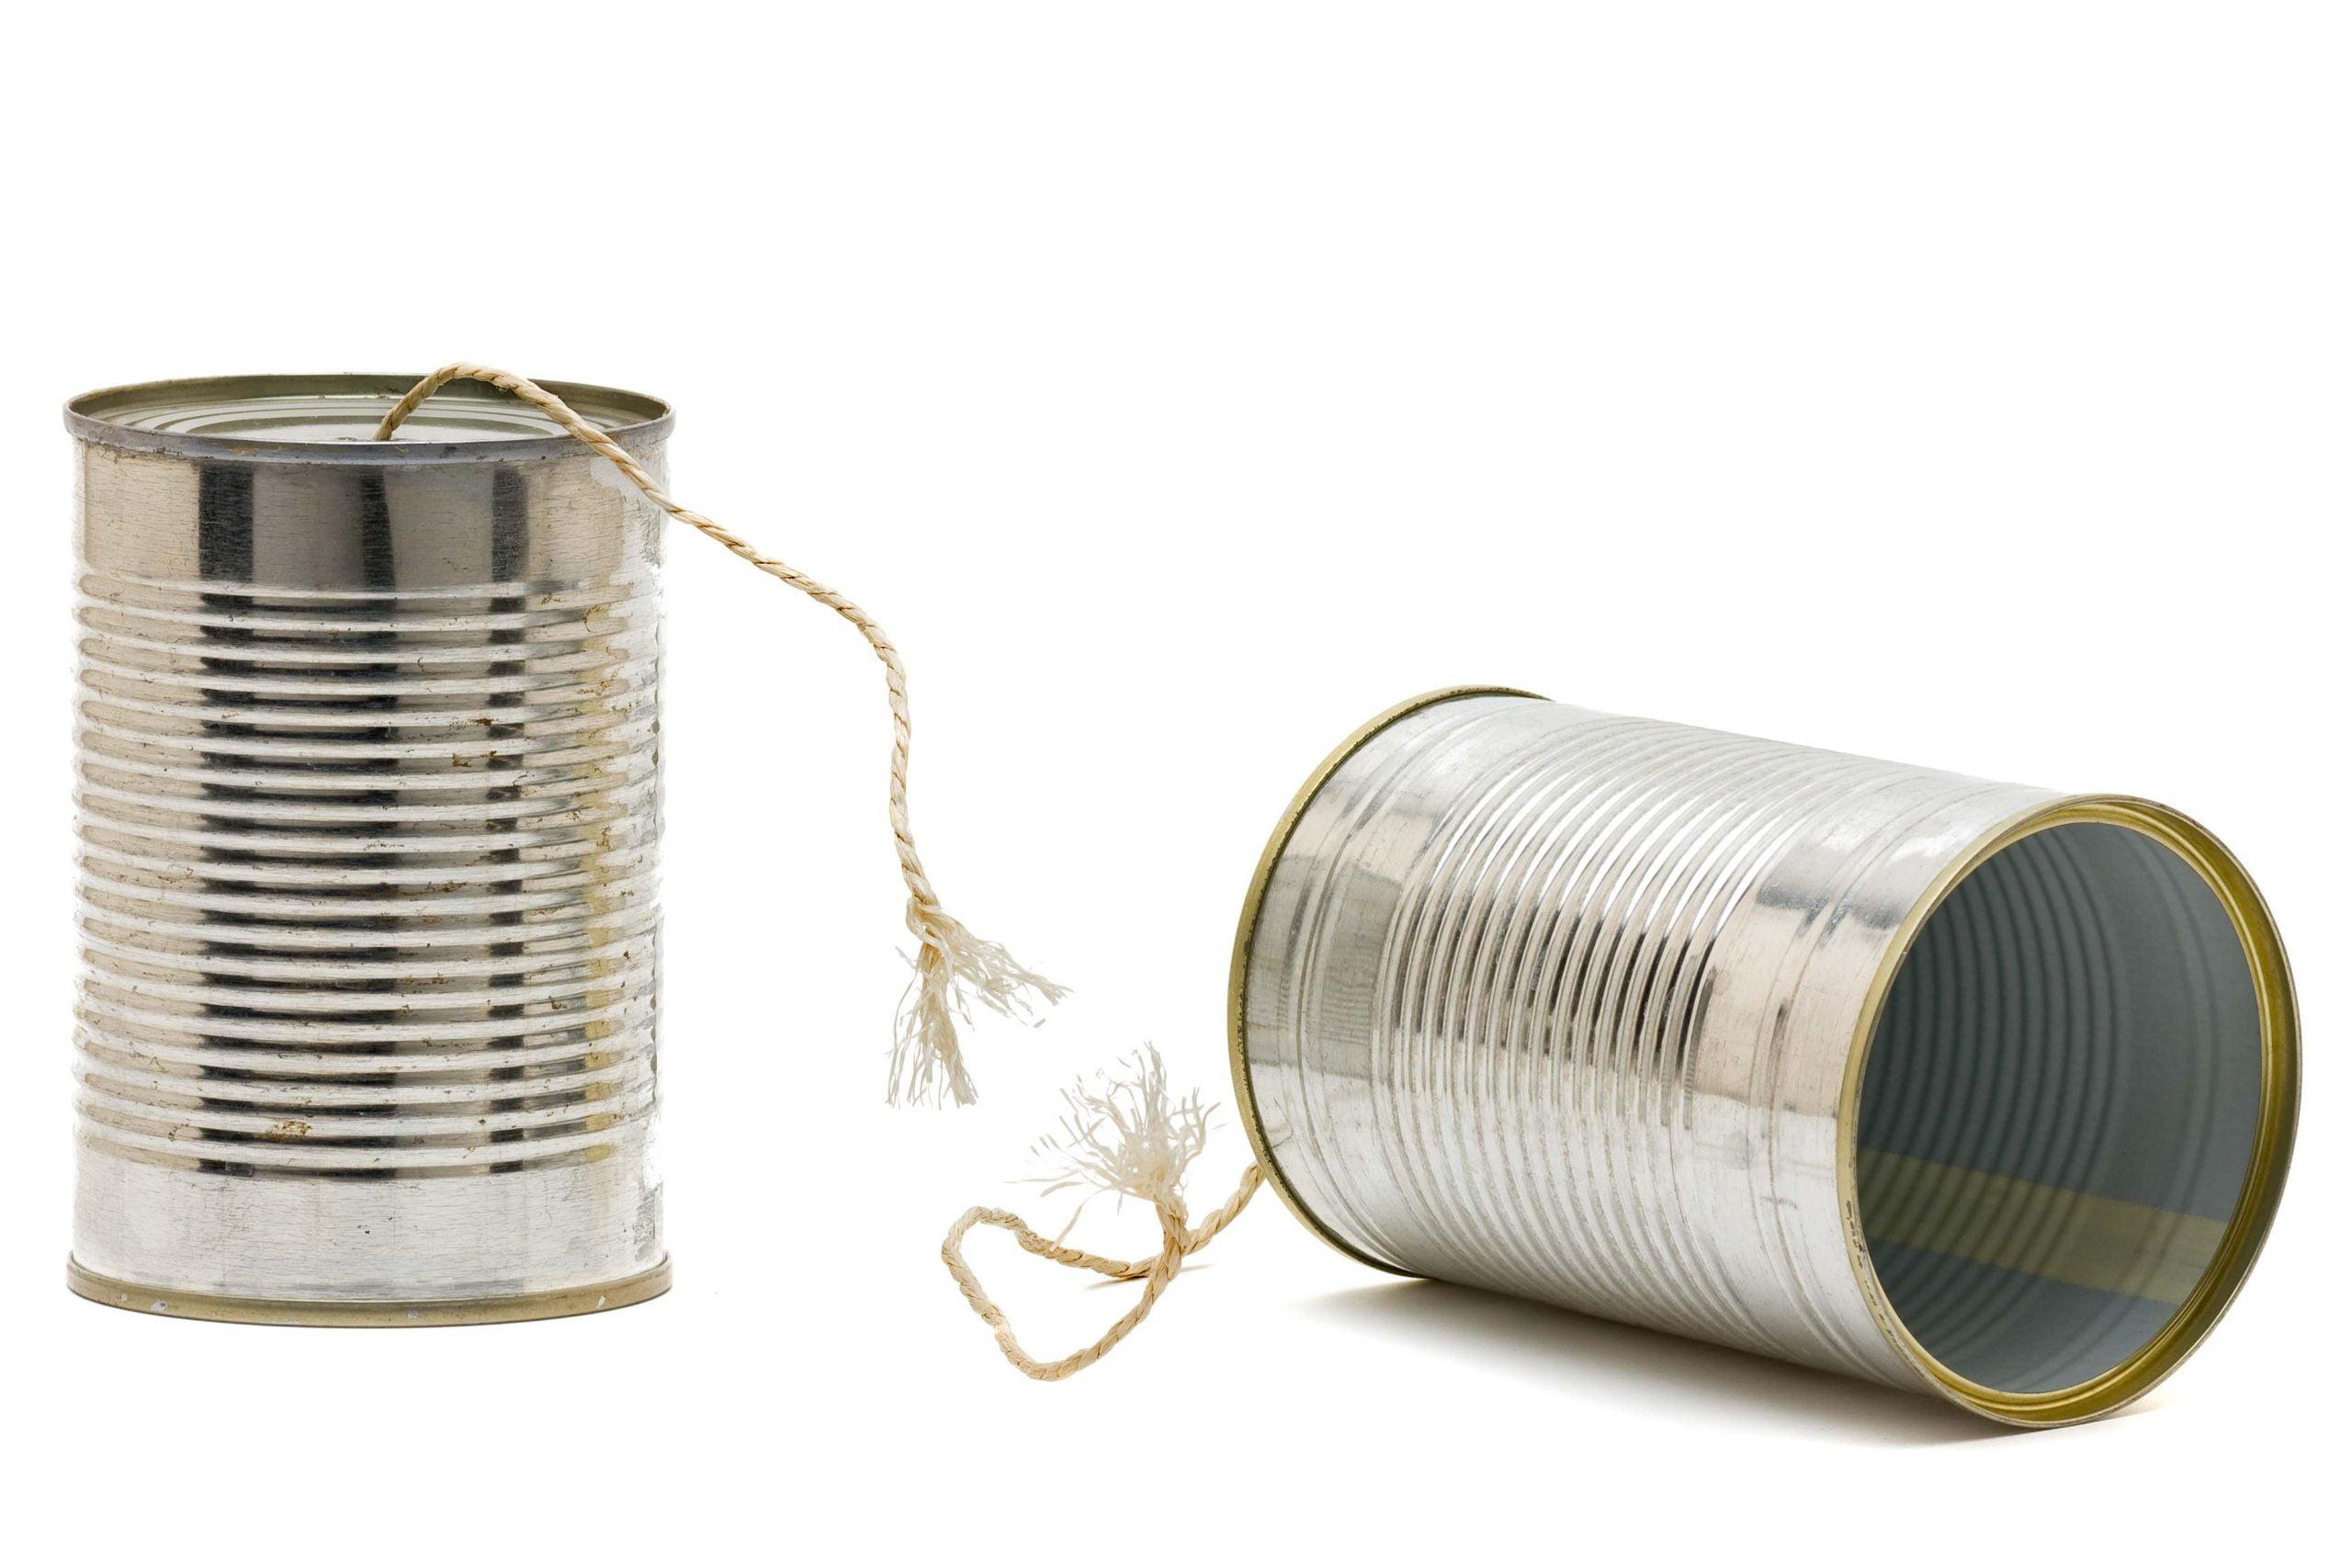 Το σπασμένο τηλέφωνο Αθήνας- Άγκυρας